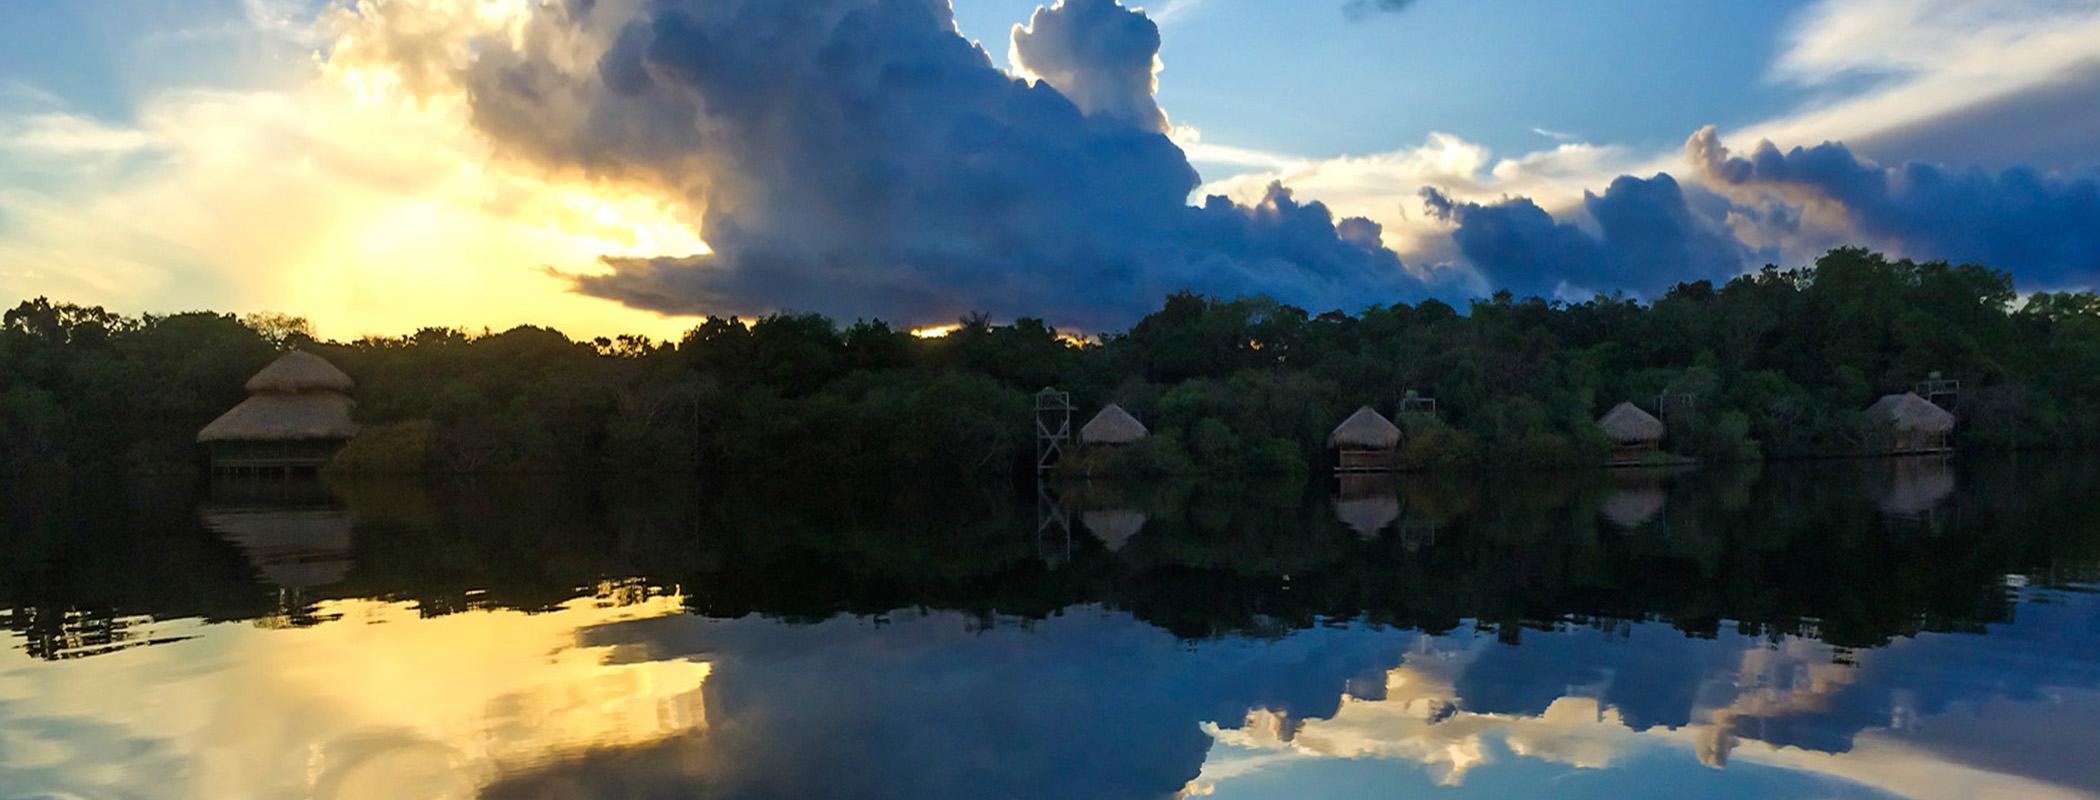 aAs belezas da estação de cheia na Amazônia brasileira